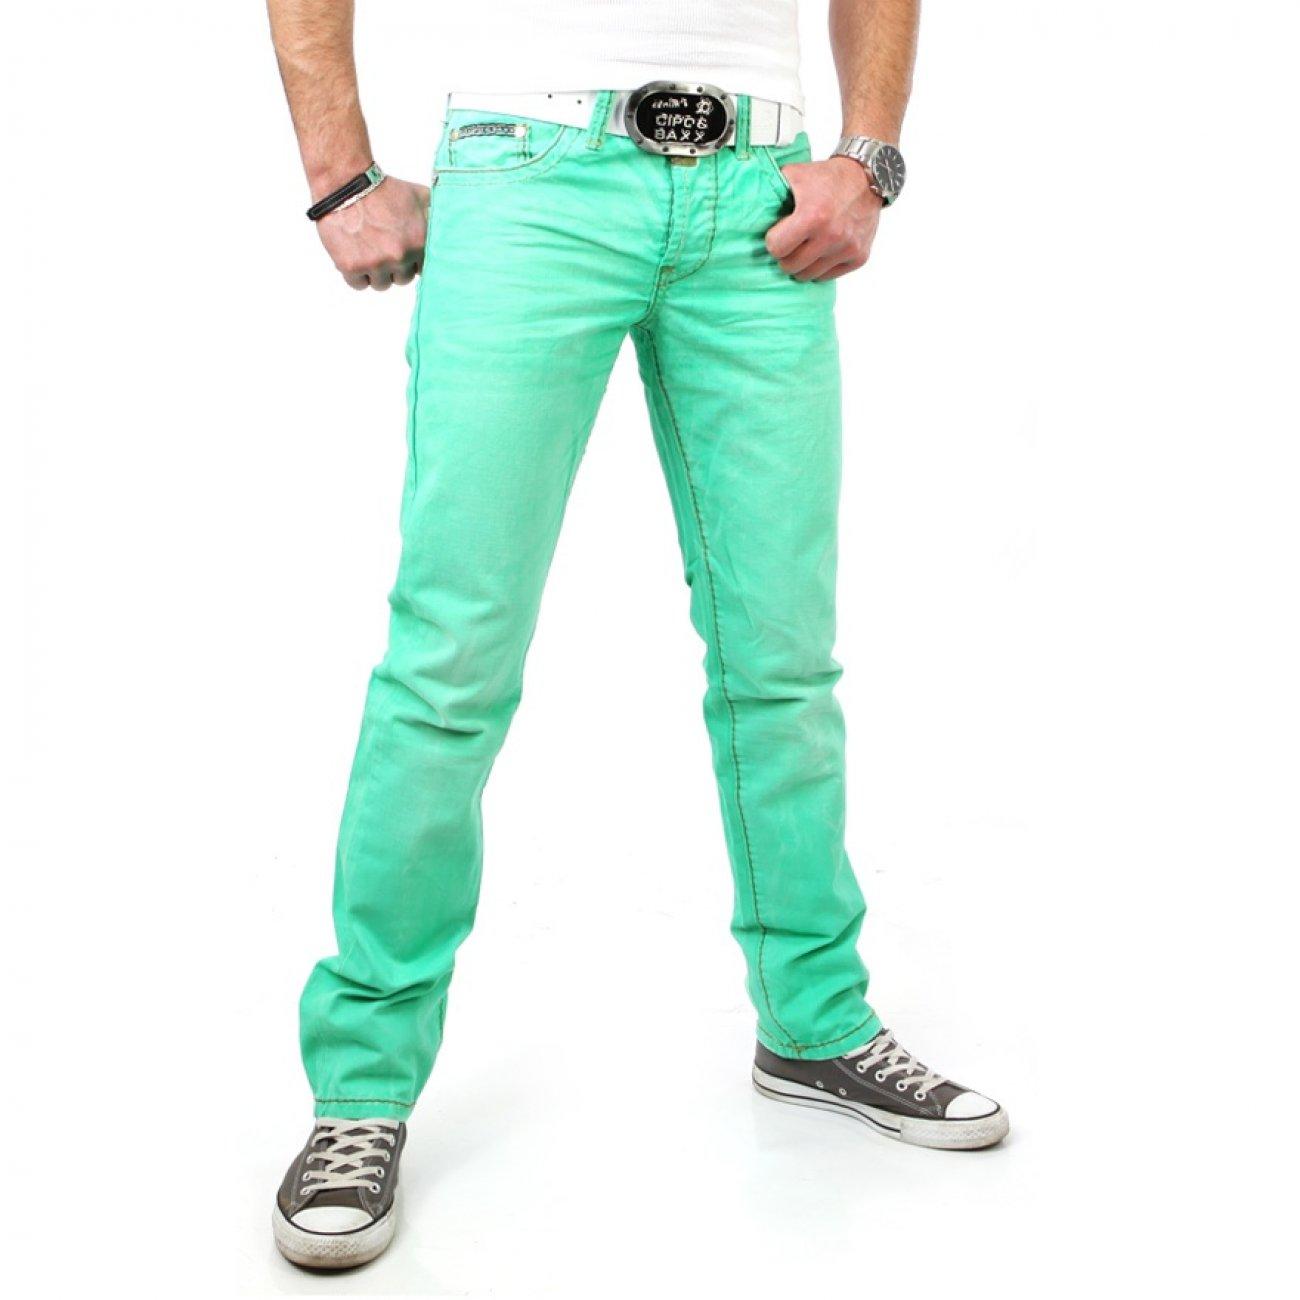 cipo baxx jeans herren hose gr n c 992 g nstig kaufen. Black Bedroom Furniture Sets. Home Design Ideas